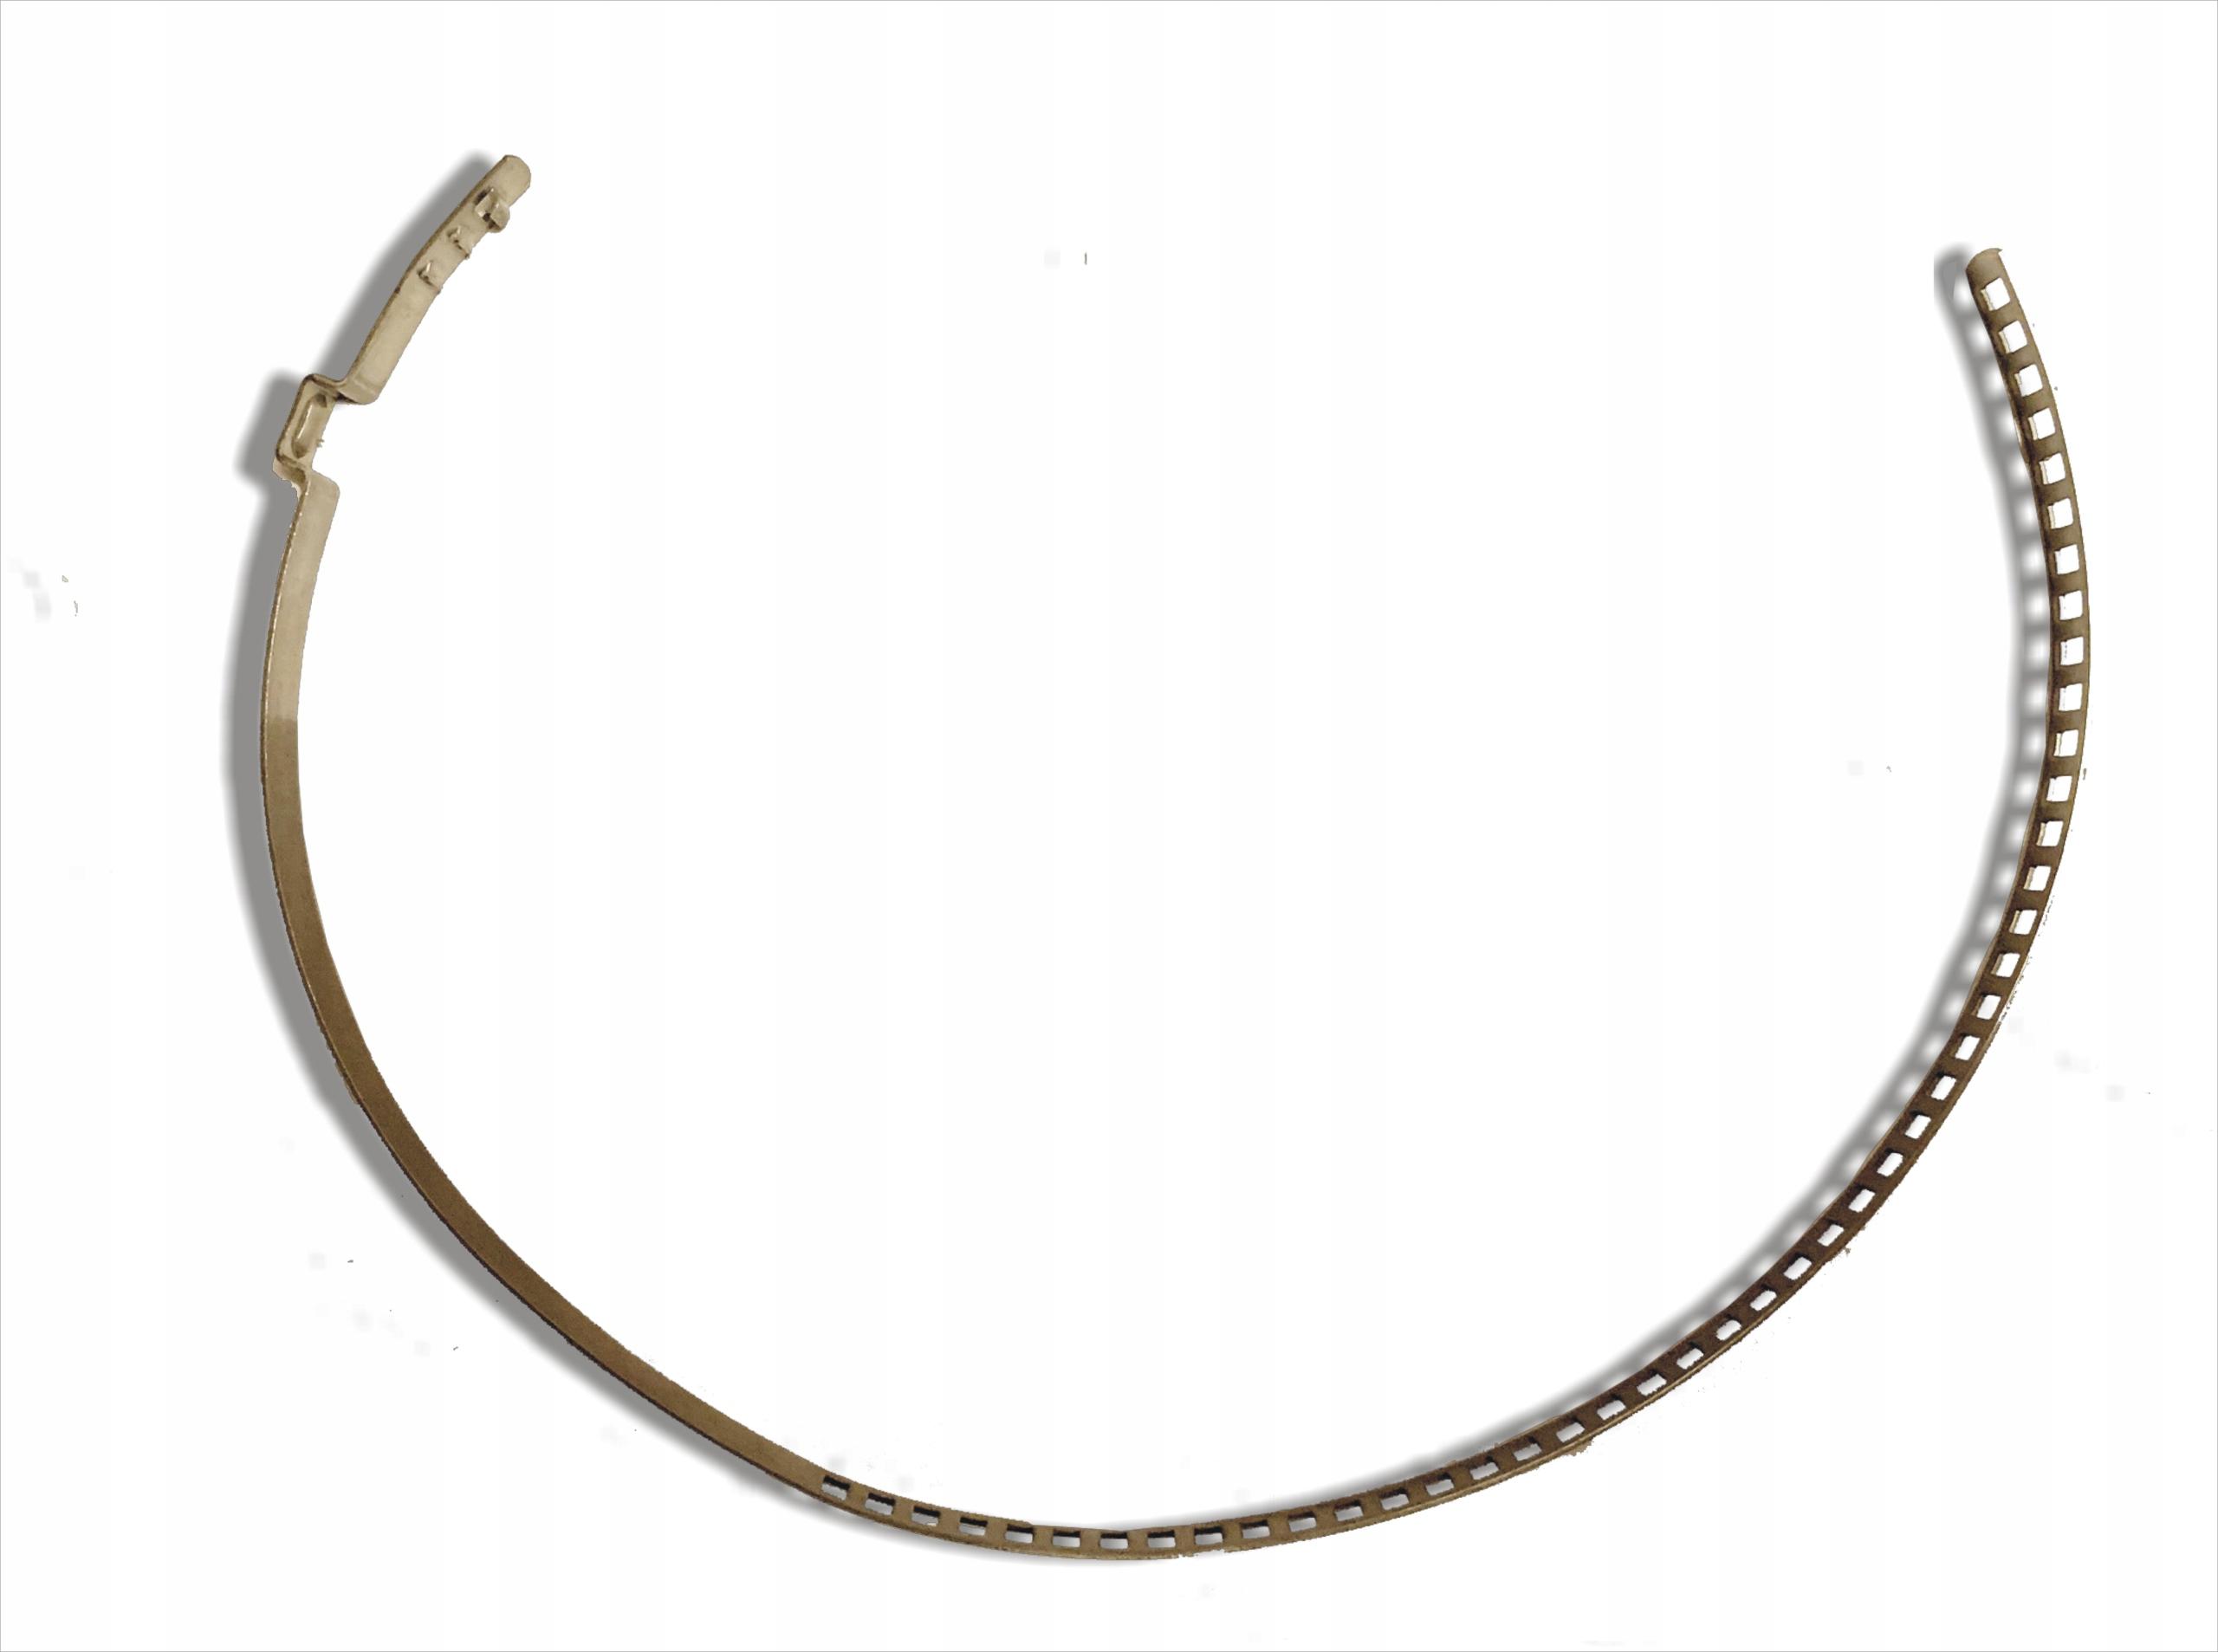 повязка крышки шарнира 54-120 универсальная oetiker